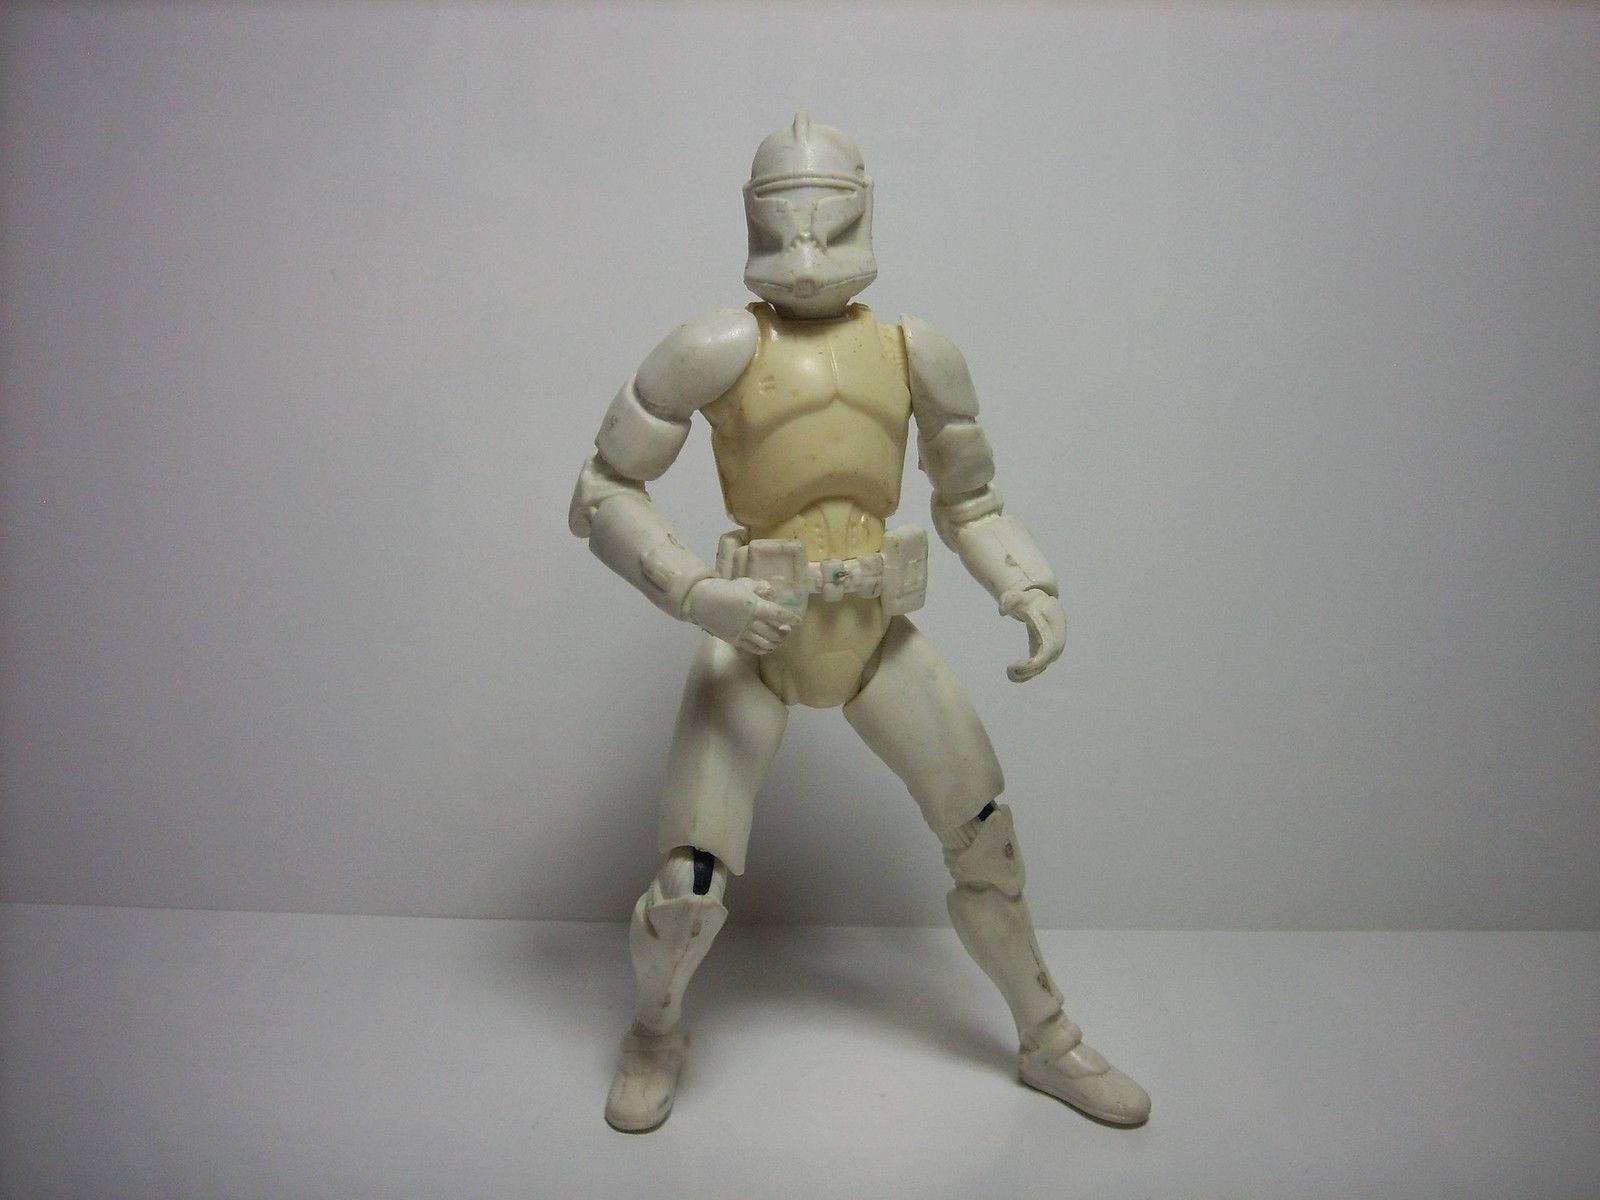 venta con alto descuento Estrella Estrella Estrella Wars Projootipo-Clone Trooper - 2002 Saga Ahsoka Ataque De Los Clones  Centro comercial profesional integrado en línea.